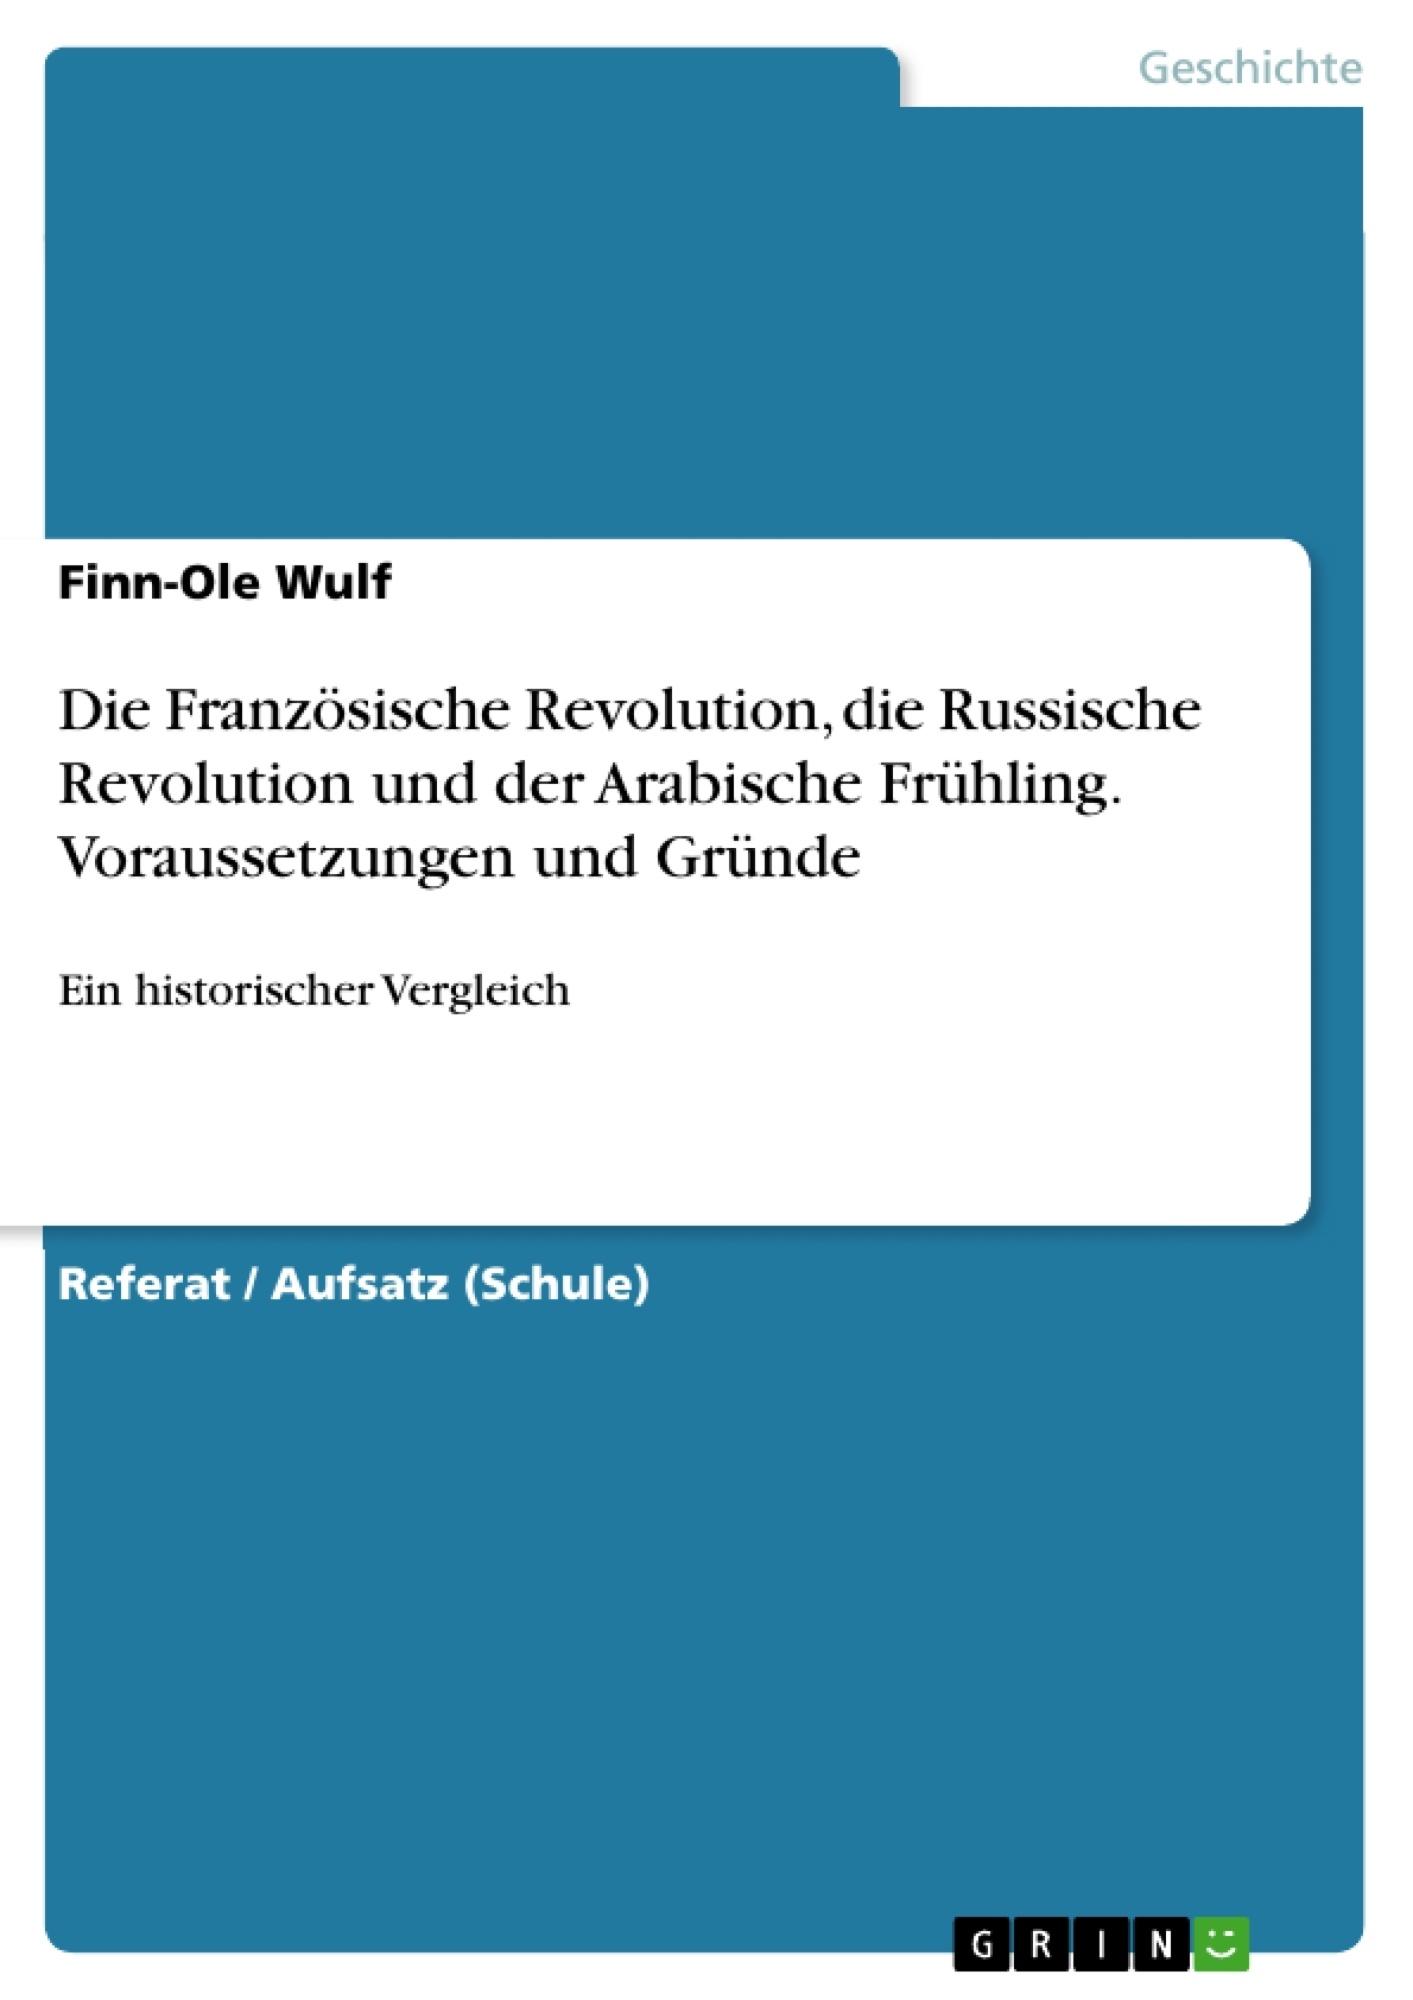 Titel: Die Französische Revolution, die Russische Revolution und der Arabische Frühling. Voraussetzungen und Gründe